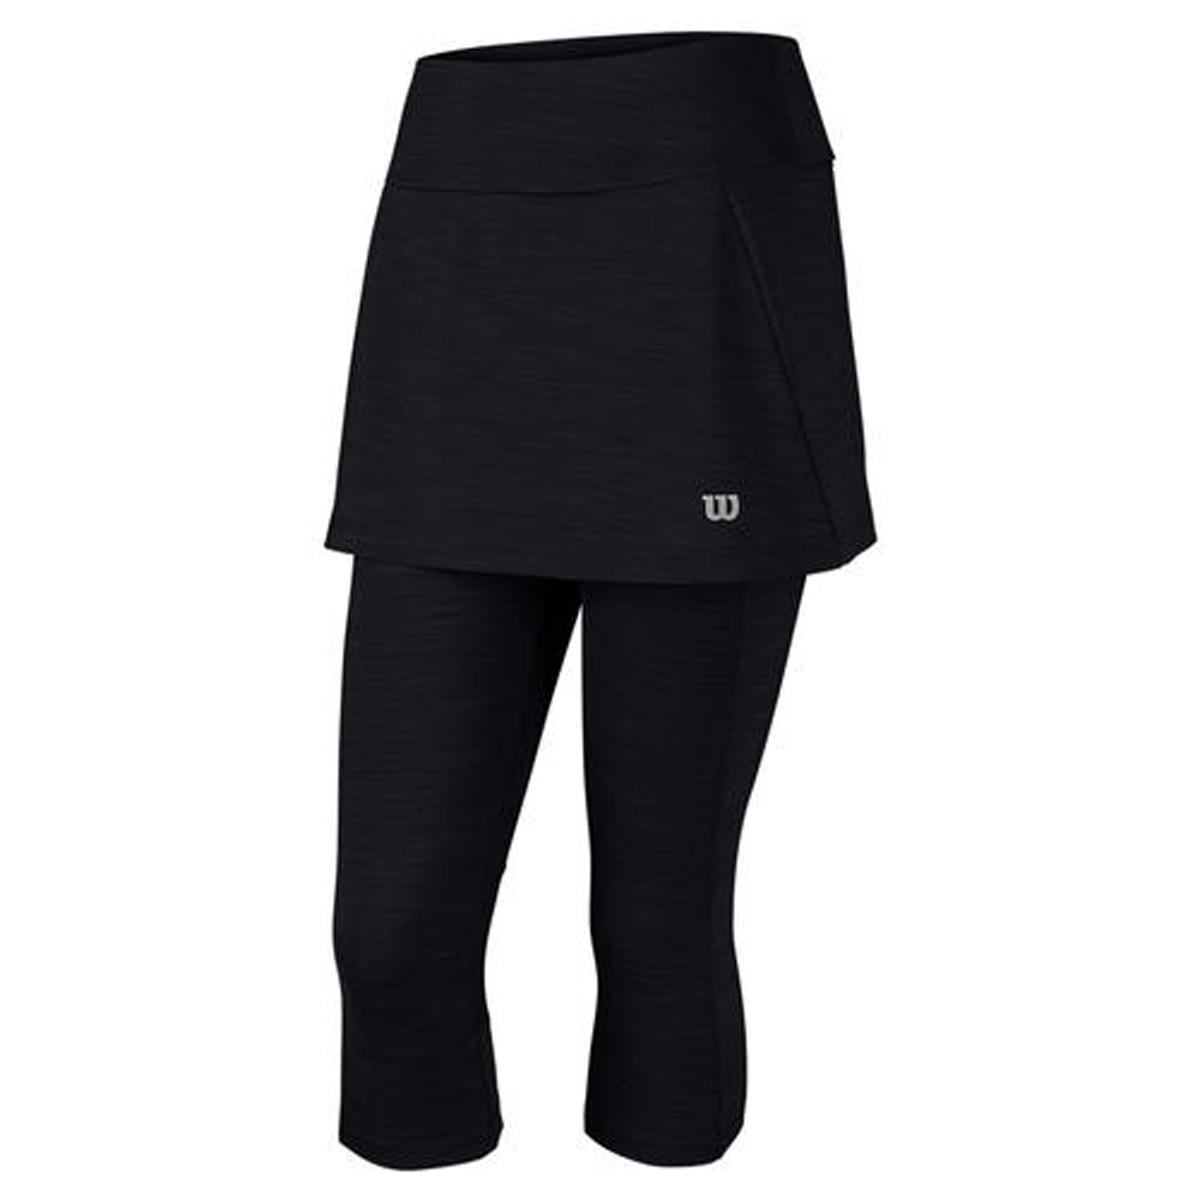 Тайтсы с юбкой для тенниса Wilson Rush Capri Skort, цвет: черный. WRA744701. Размер S (44)WRA744701Тайтсы с юбкой Wilson сочетают в себе стройнящий силуэт и максимальный функционал. Модель на широком эластичном поясе незаменима для разминок и тренировок в прохладных условиях.